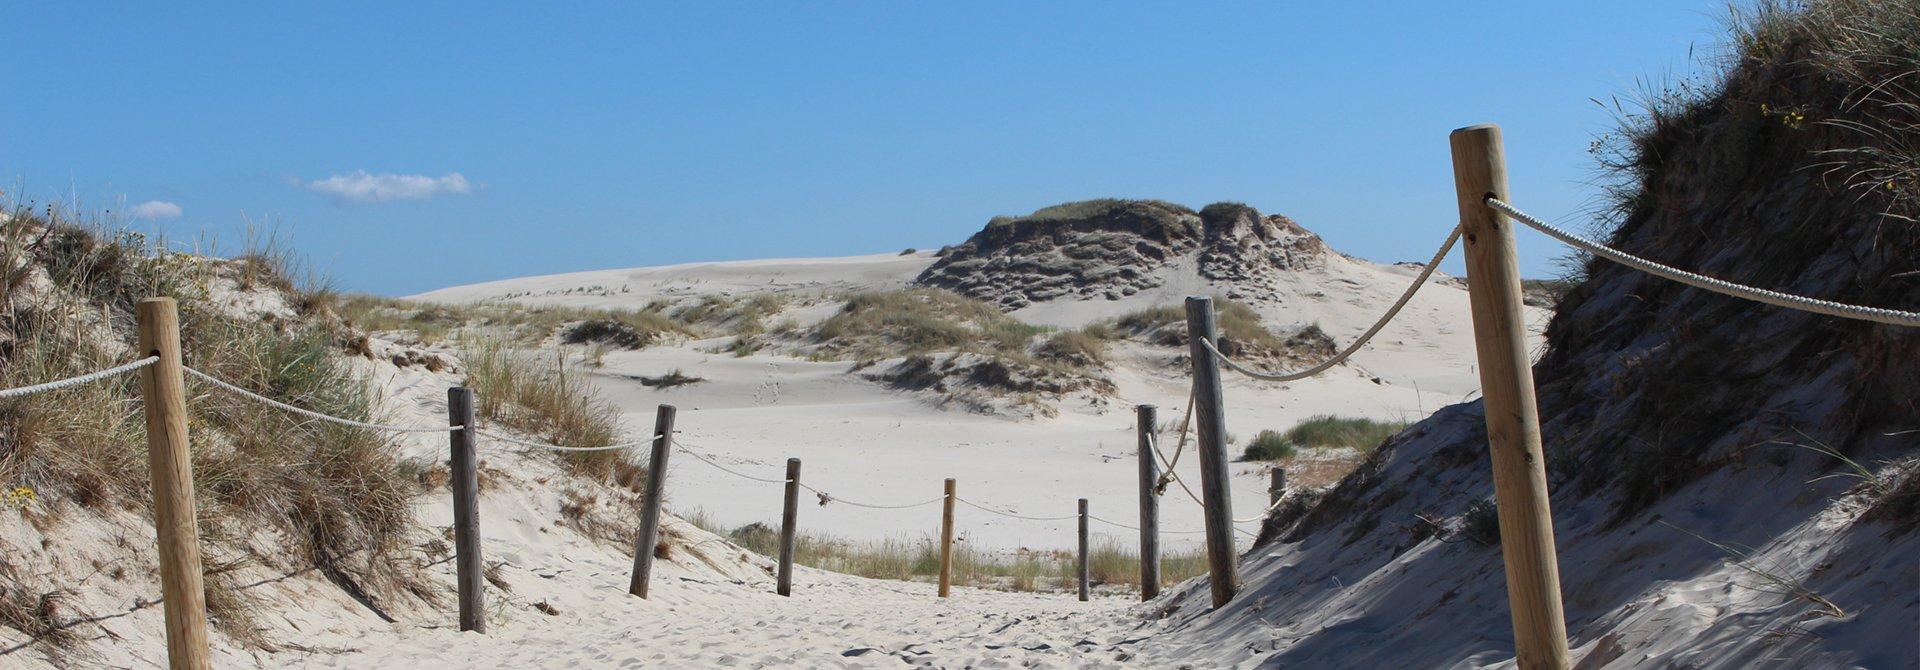 domki przy plaży Łeba